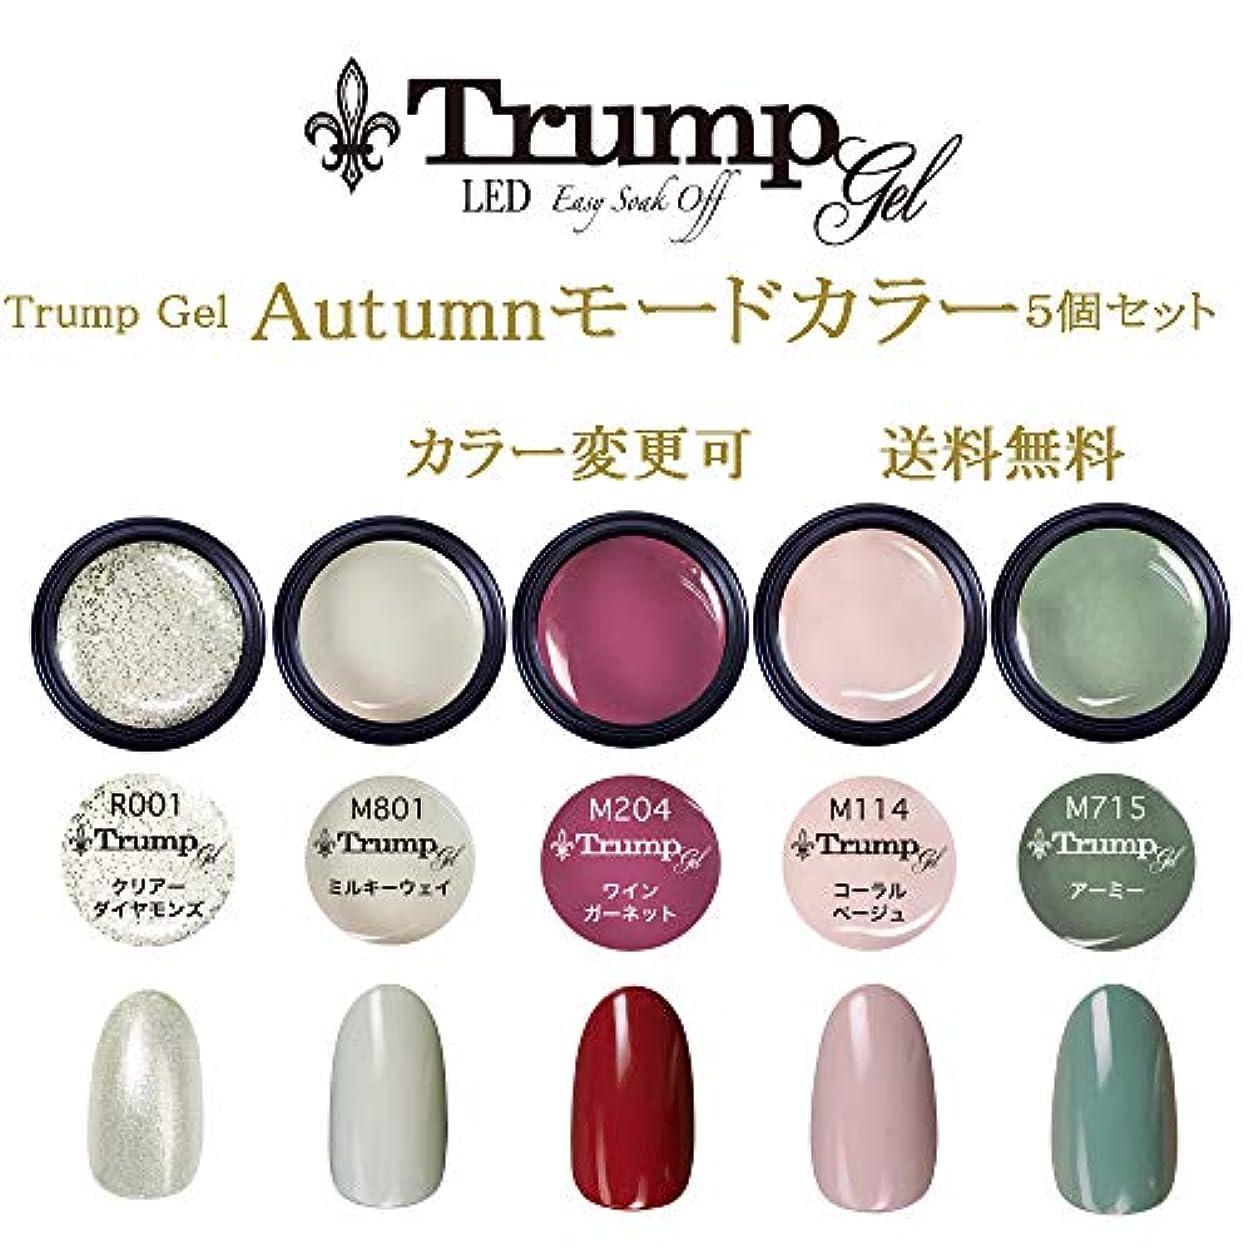 懐疑的マイクロ壮大【送料無料】日本製 Trump gel トランプジェル オータムモード カラー 選べる カラージェル 5個セット 秋ネイル ベージュ ボルドー カーキ ラメ カラー